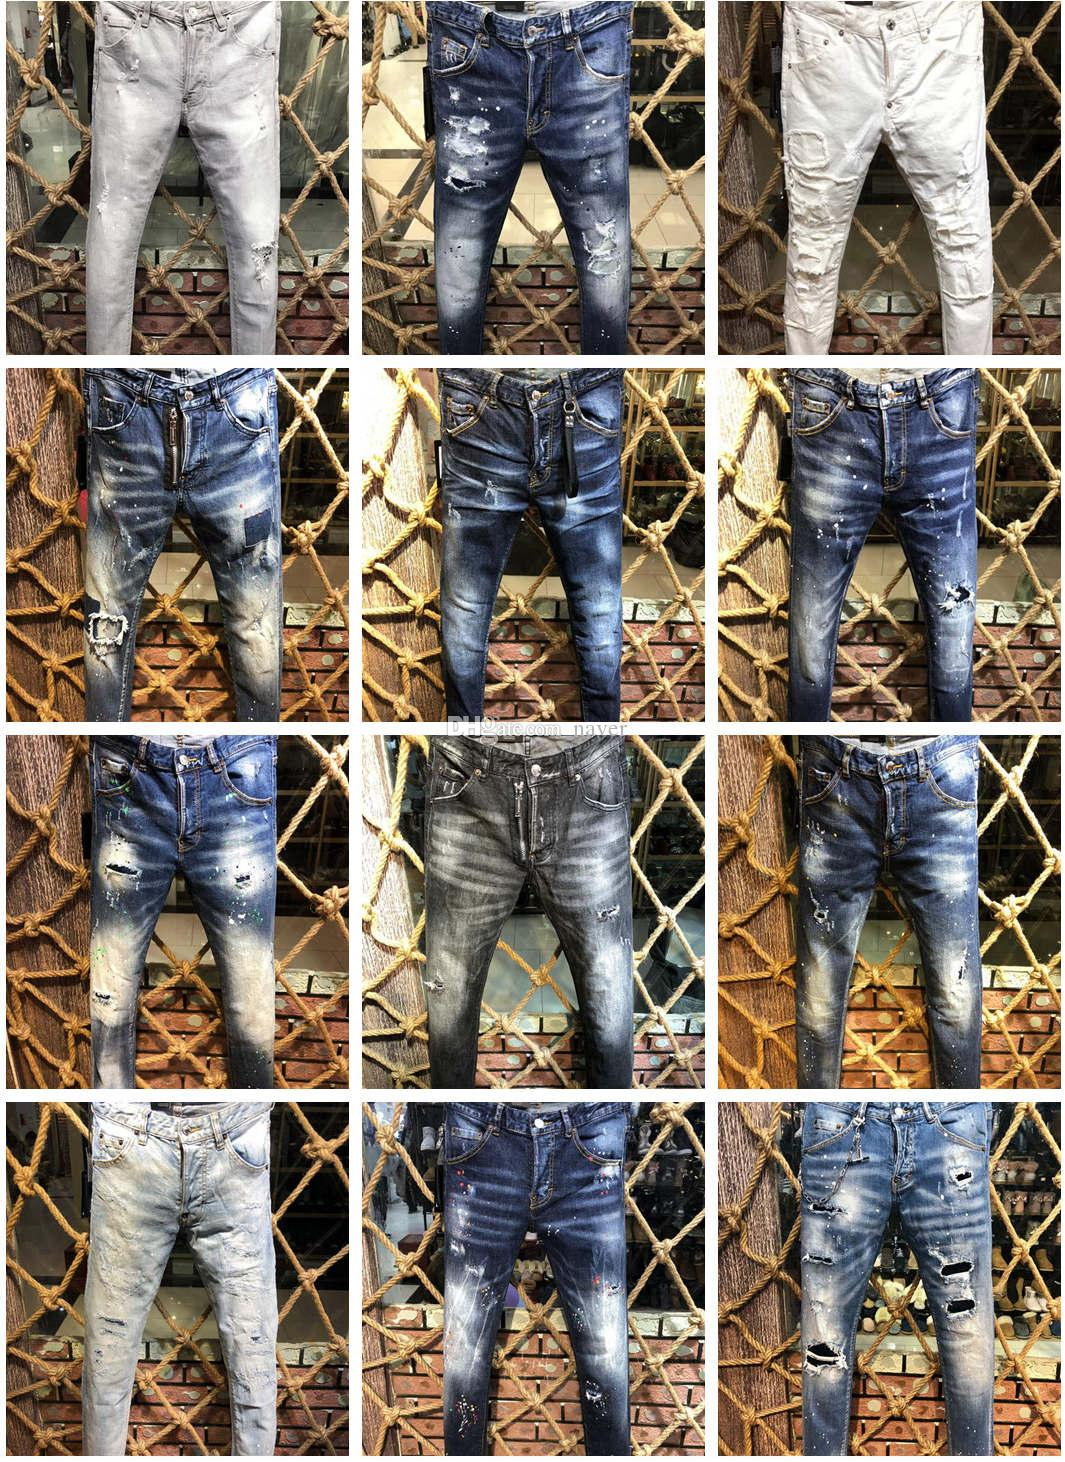 Dsquared2 2019 D2 neue Ankunft Top Qualität Markendesigner Männer Denim Jeans Stickerei Hosen Mode Löcher Hosen Italien Größe 44-54